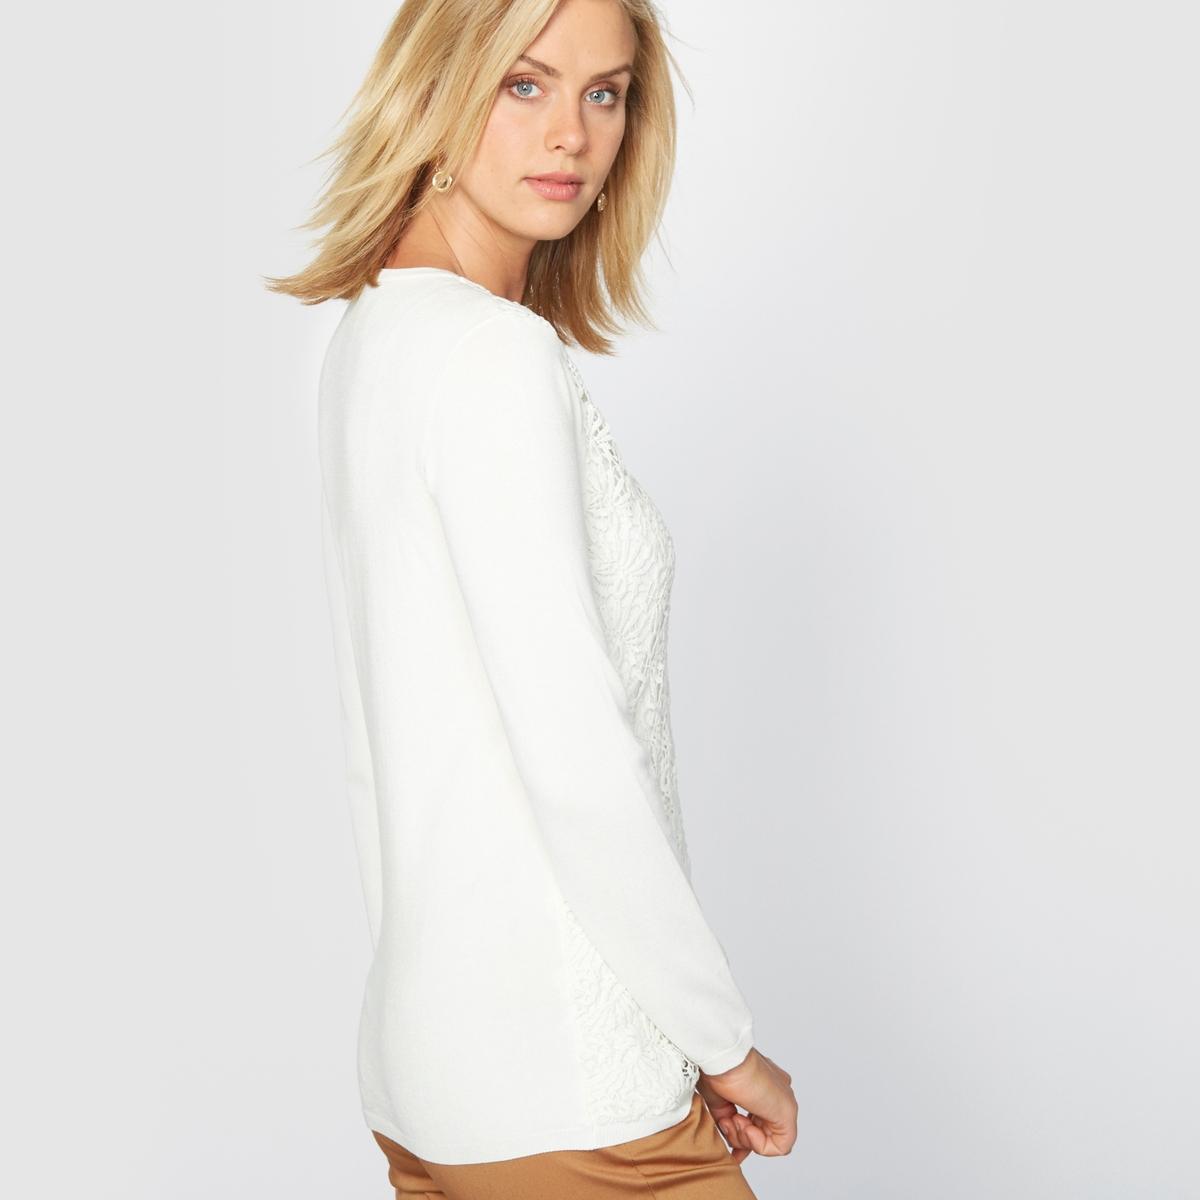 Пуловер гипюровыйОригинальный и очень элегантный пуловер. Круглый вырез. Аппликация из нежного гипюра спереди. Края связаны в рубчик . Приспущенные плечевые швы. Длинные рукава. Состав и описание :Материал : красивый трикотаж джерси, 80% вискозы, 20% полиамида. Длина: 62 см.Марка : Anne WeyburnУход :Машинная стирка при 30° на умеренном режиме с изнанки .Гладить на низкой температуре с изнанки.<br><br>Цвет: экрю